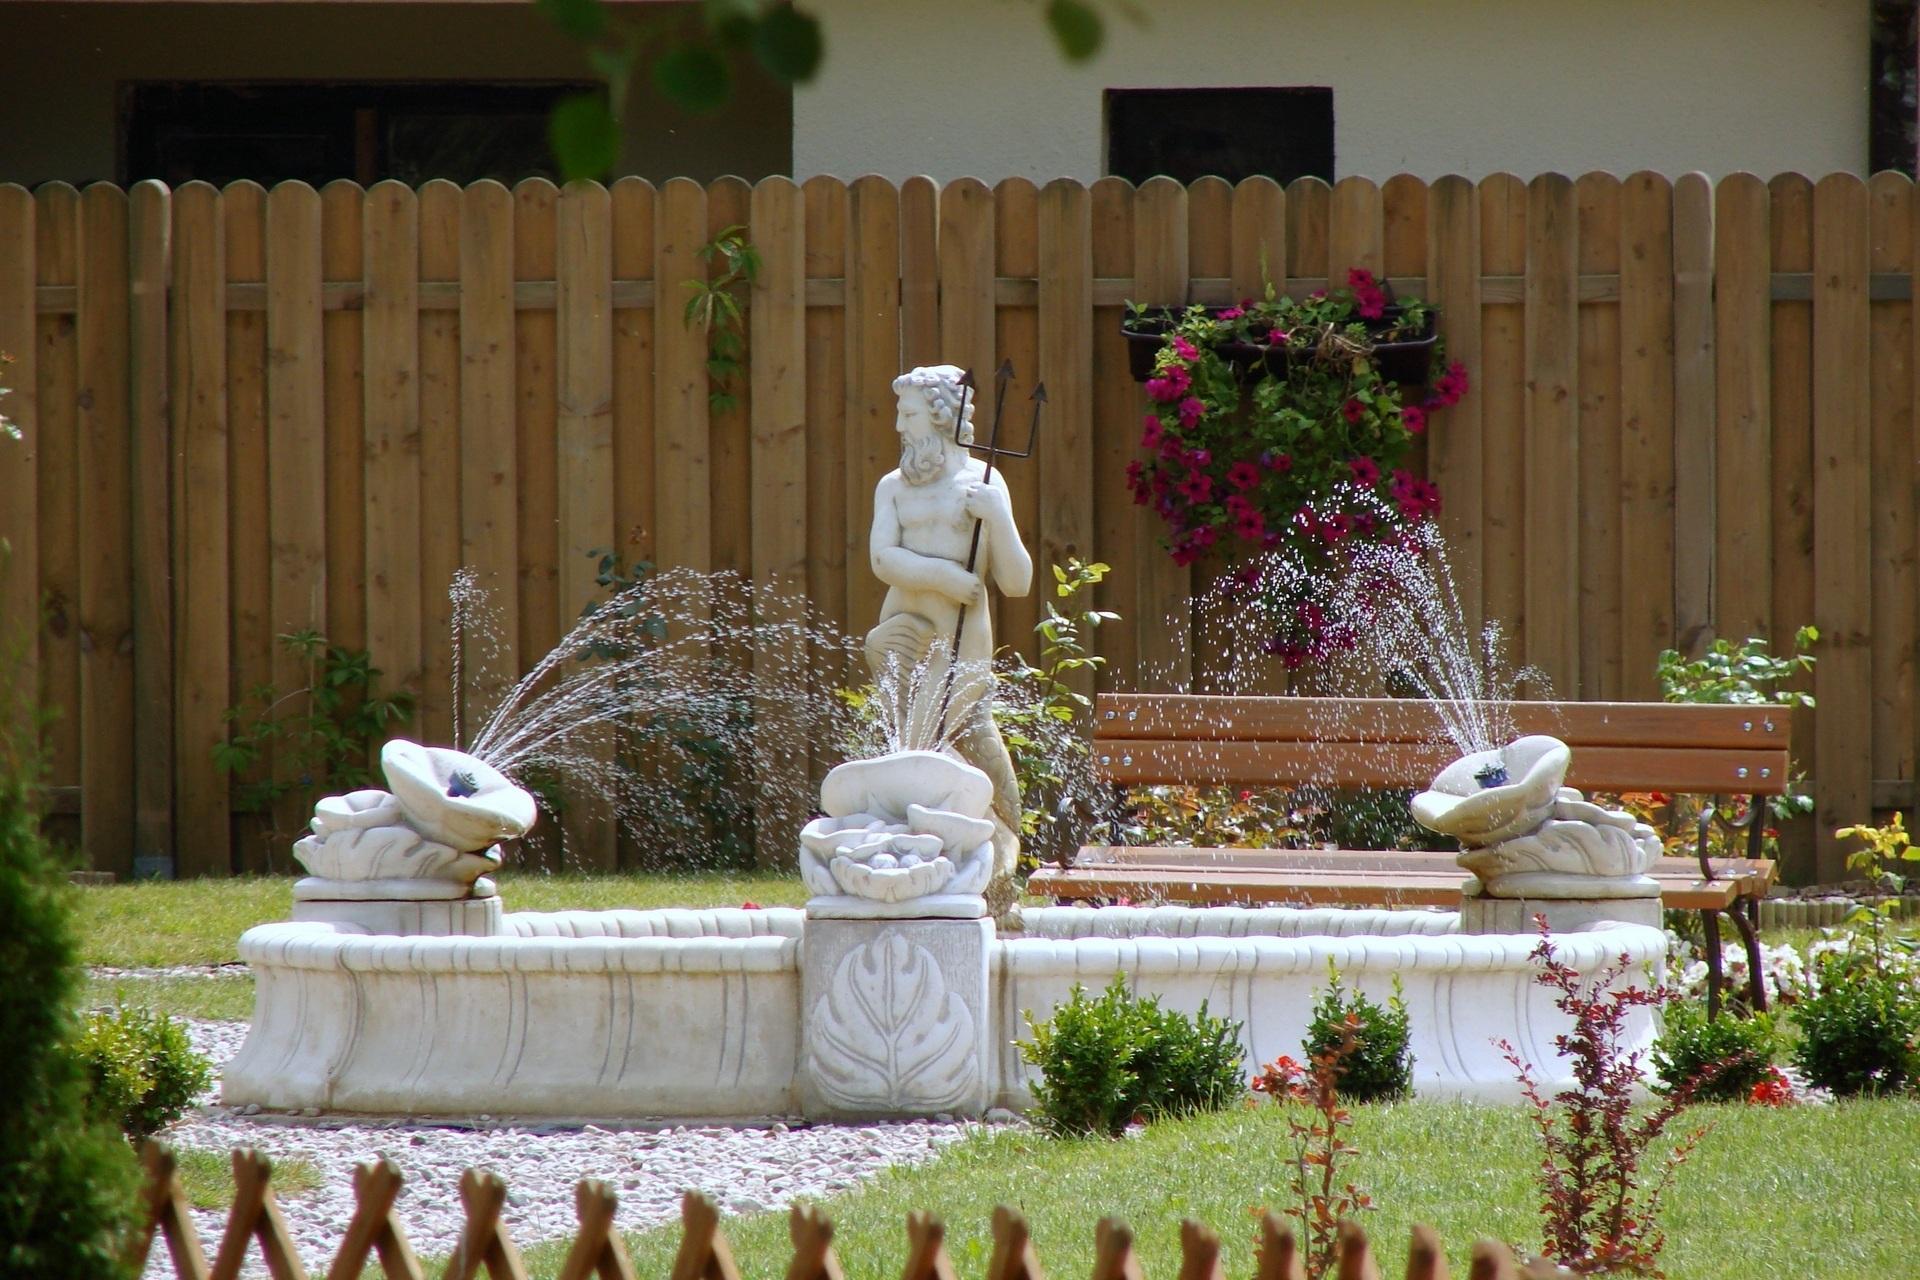 Fotos gratis : agua, arquitectura, flor, jardín, pasillo, escultura ...